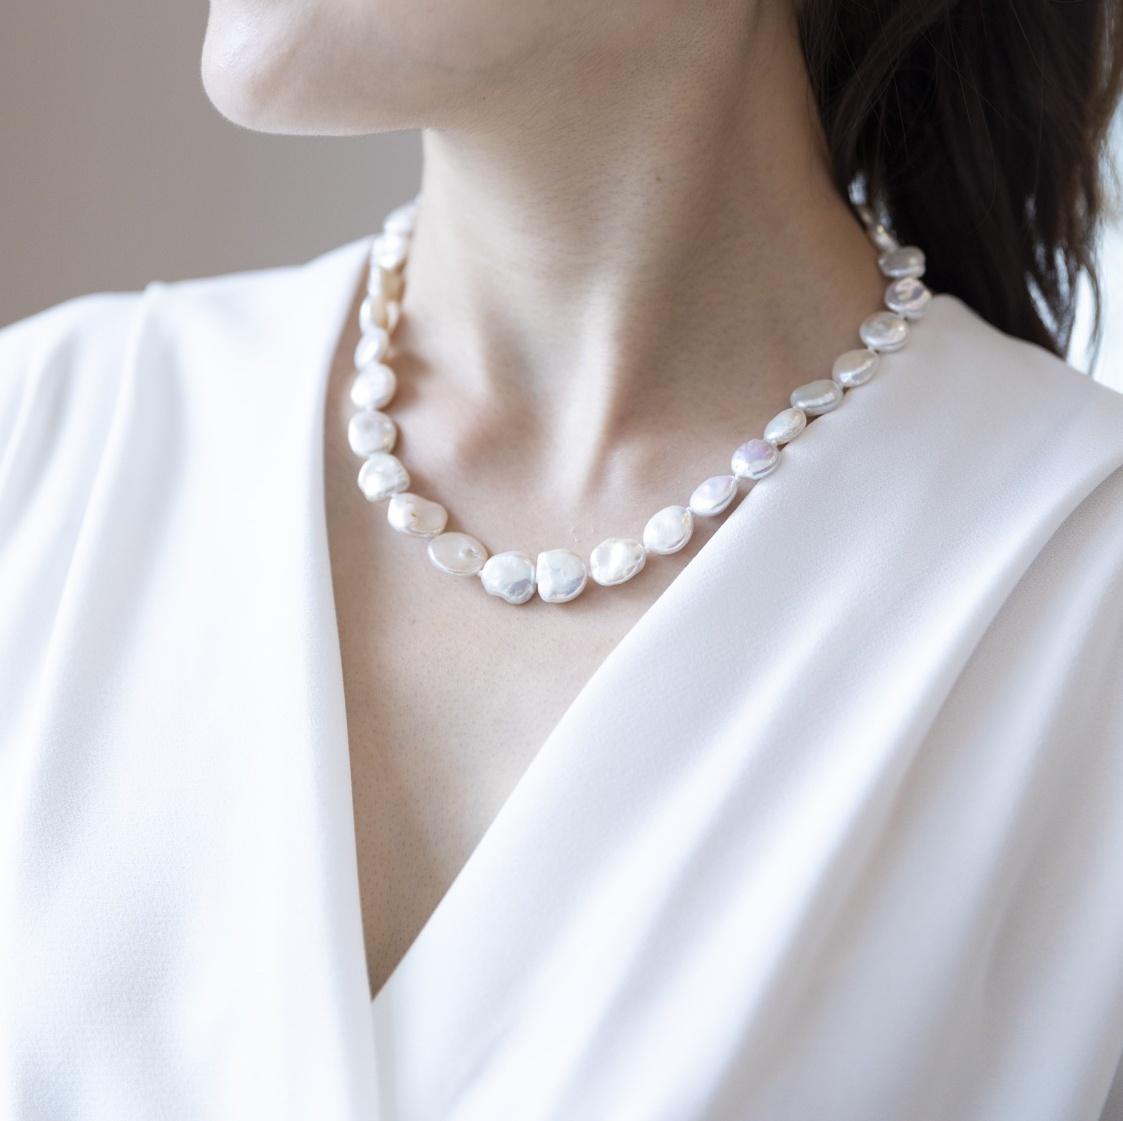 【一点物】【品質保証付き】 淡水バロックパール ホワイト ネックレス